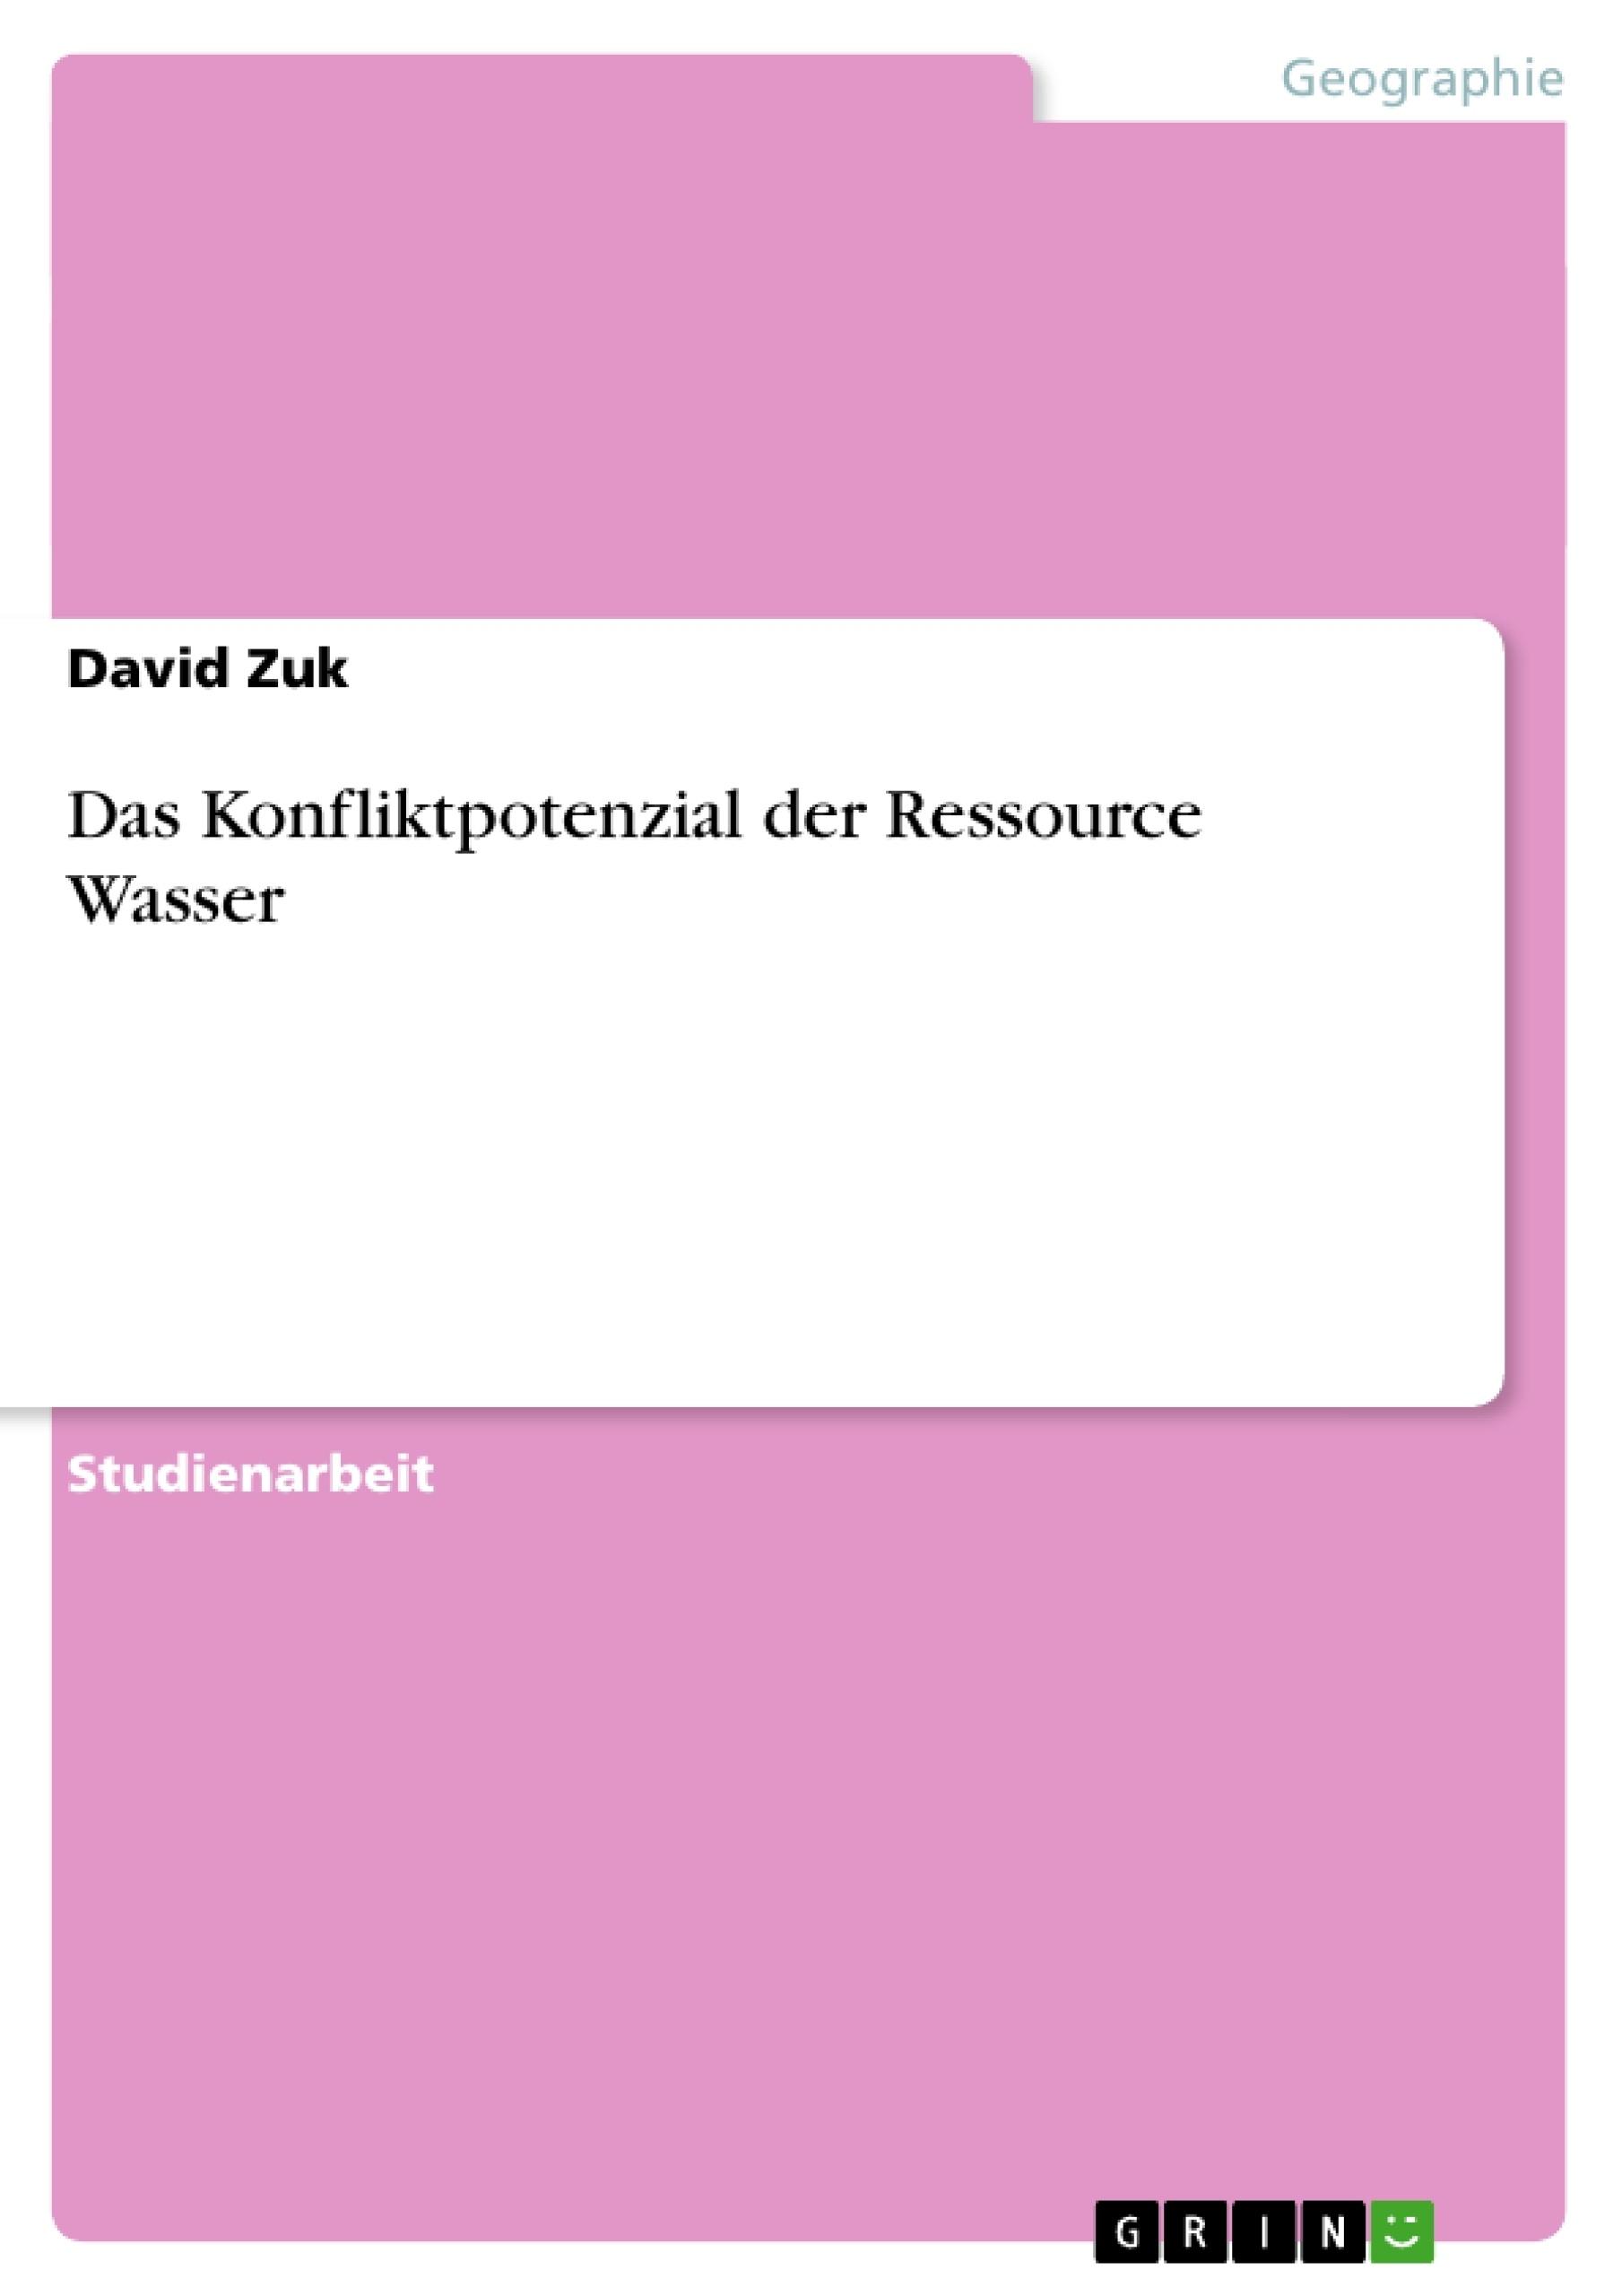 Titel: Das Konfliktpotenzial der Ressource Wasser